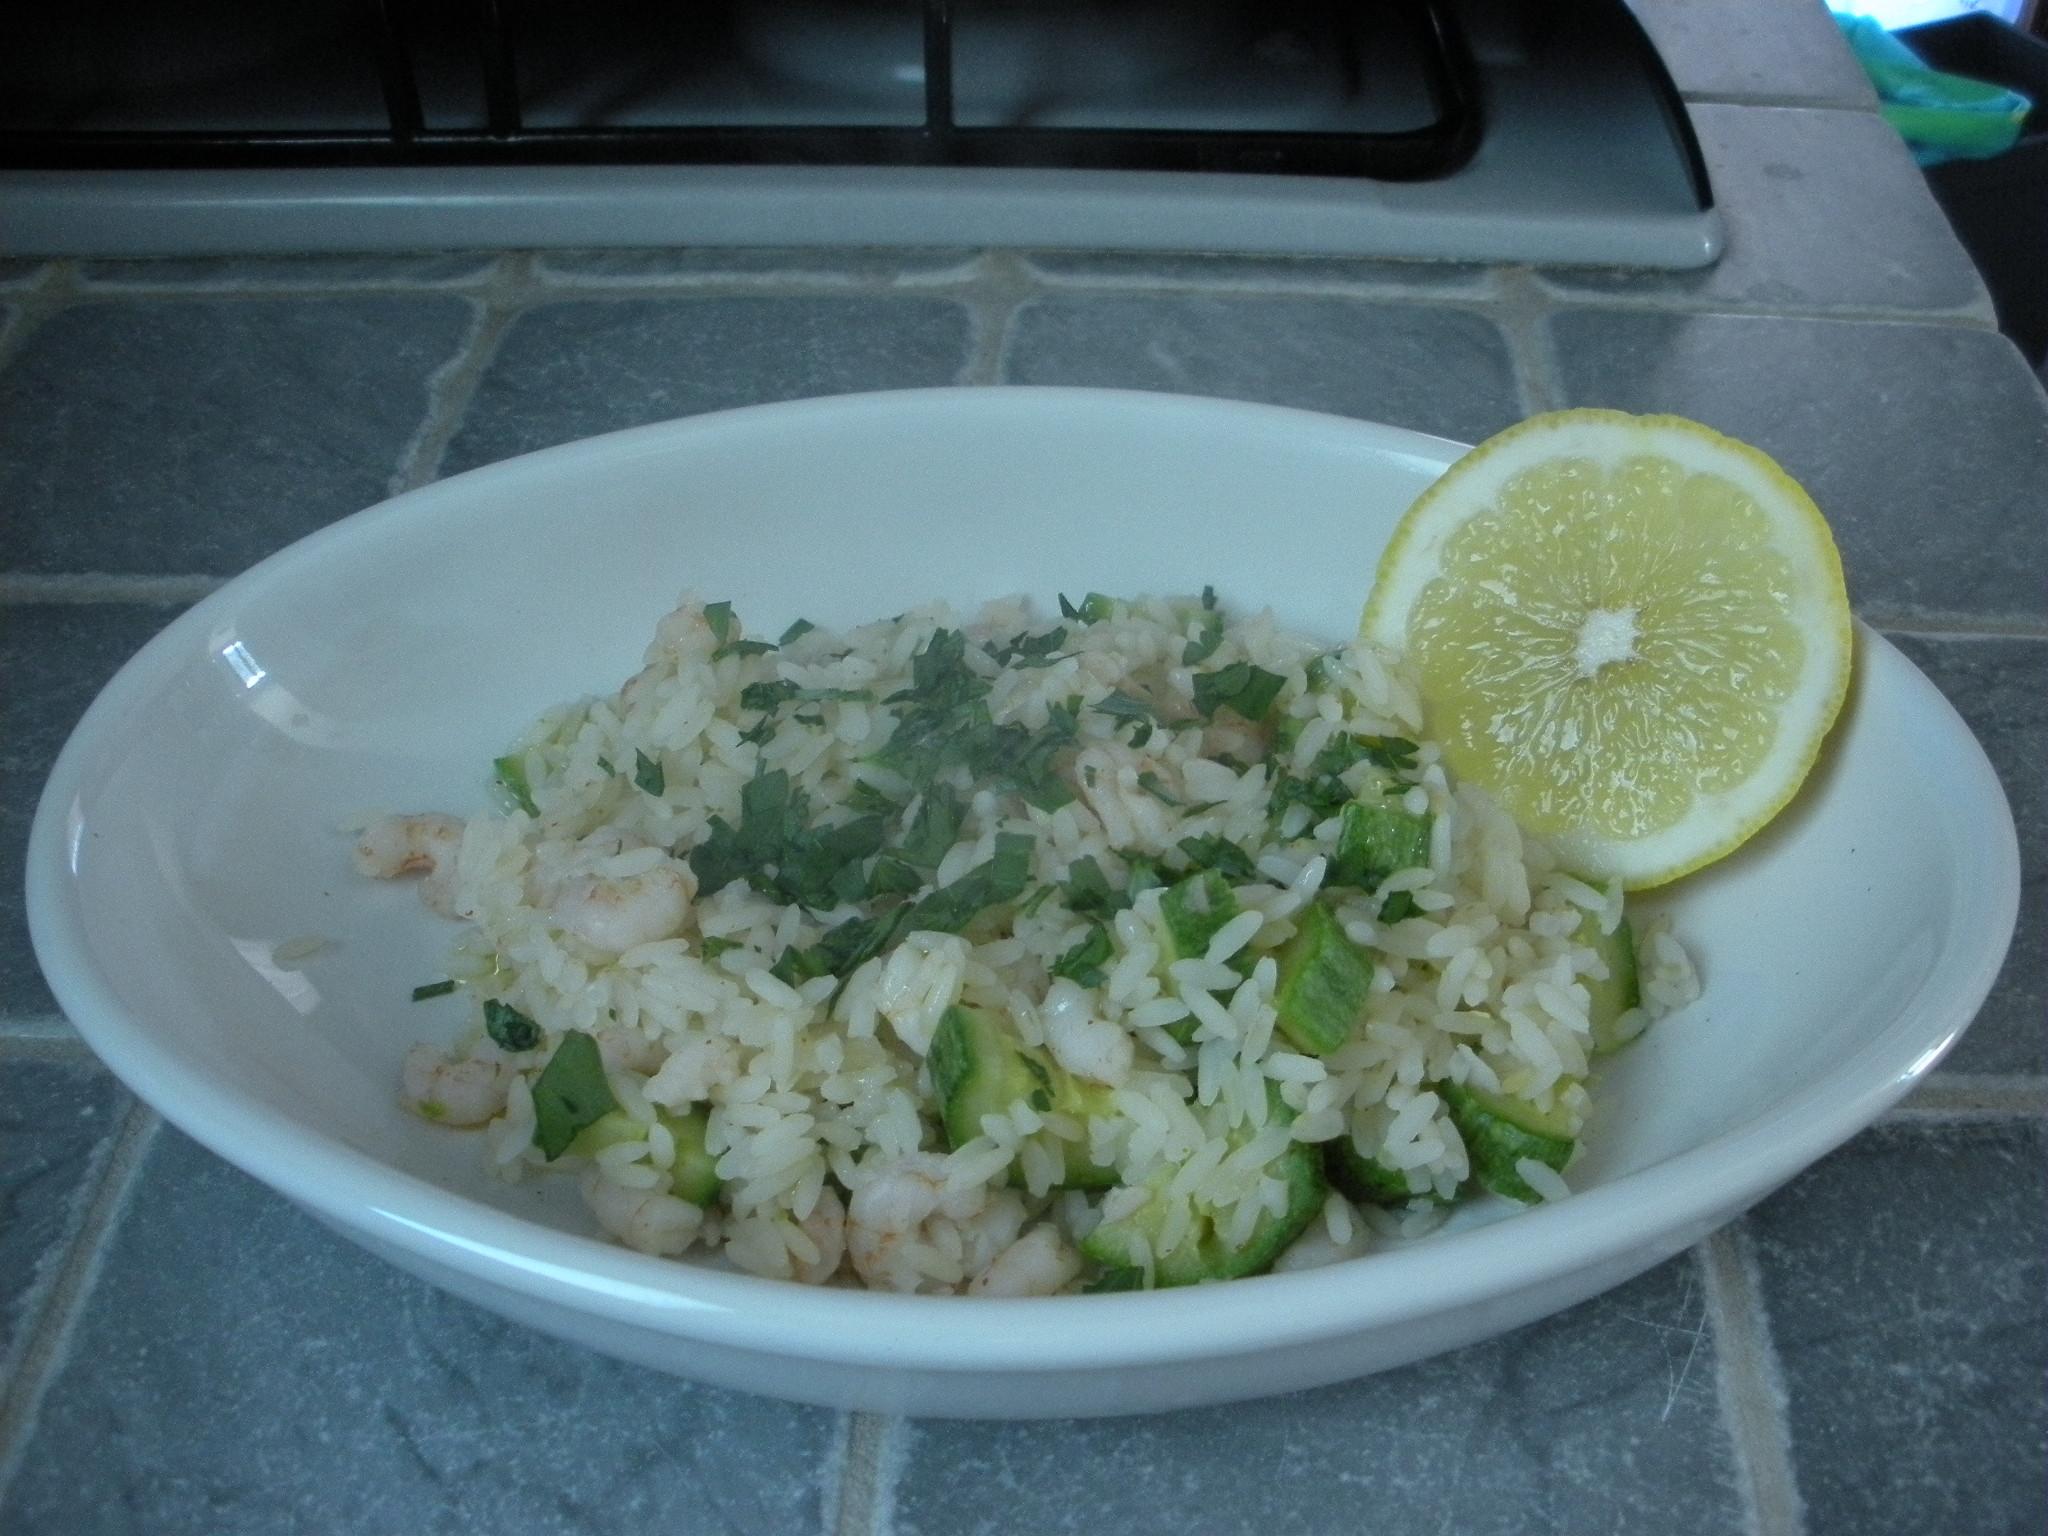 Ricetta riso al vapore con bimby ricette popolari sito culinario - Ricette con forno a vapore ...